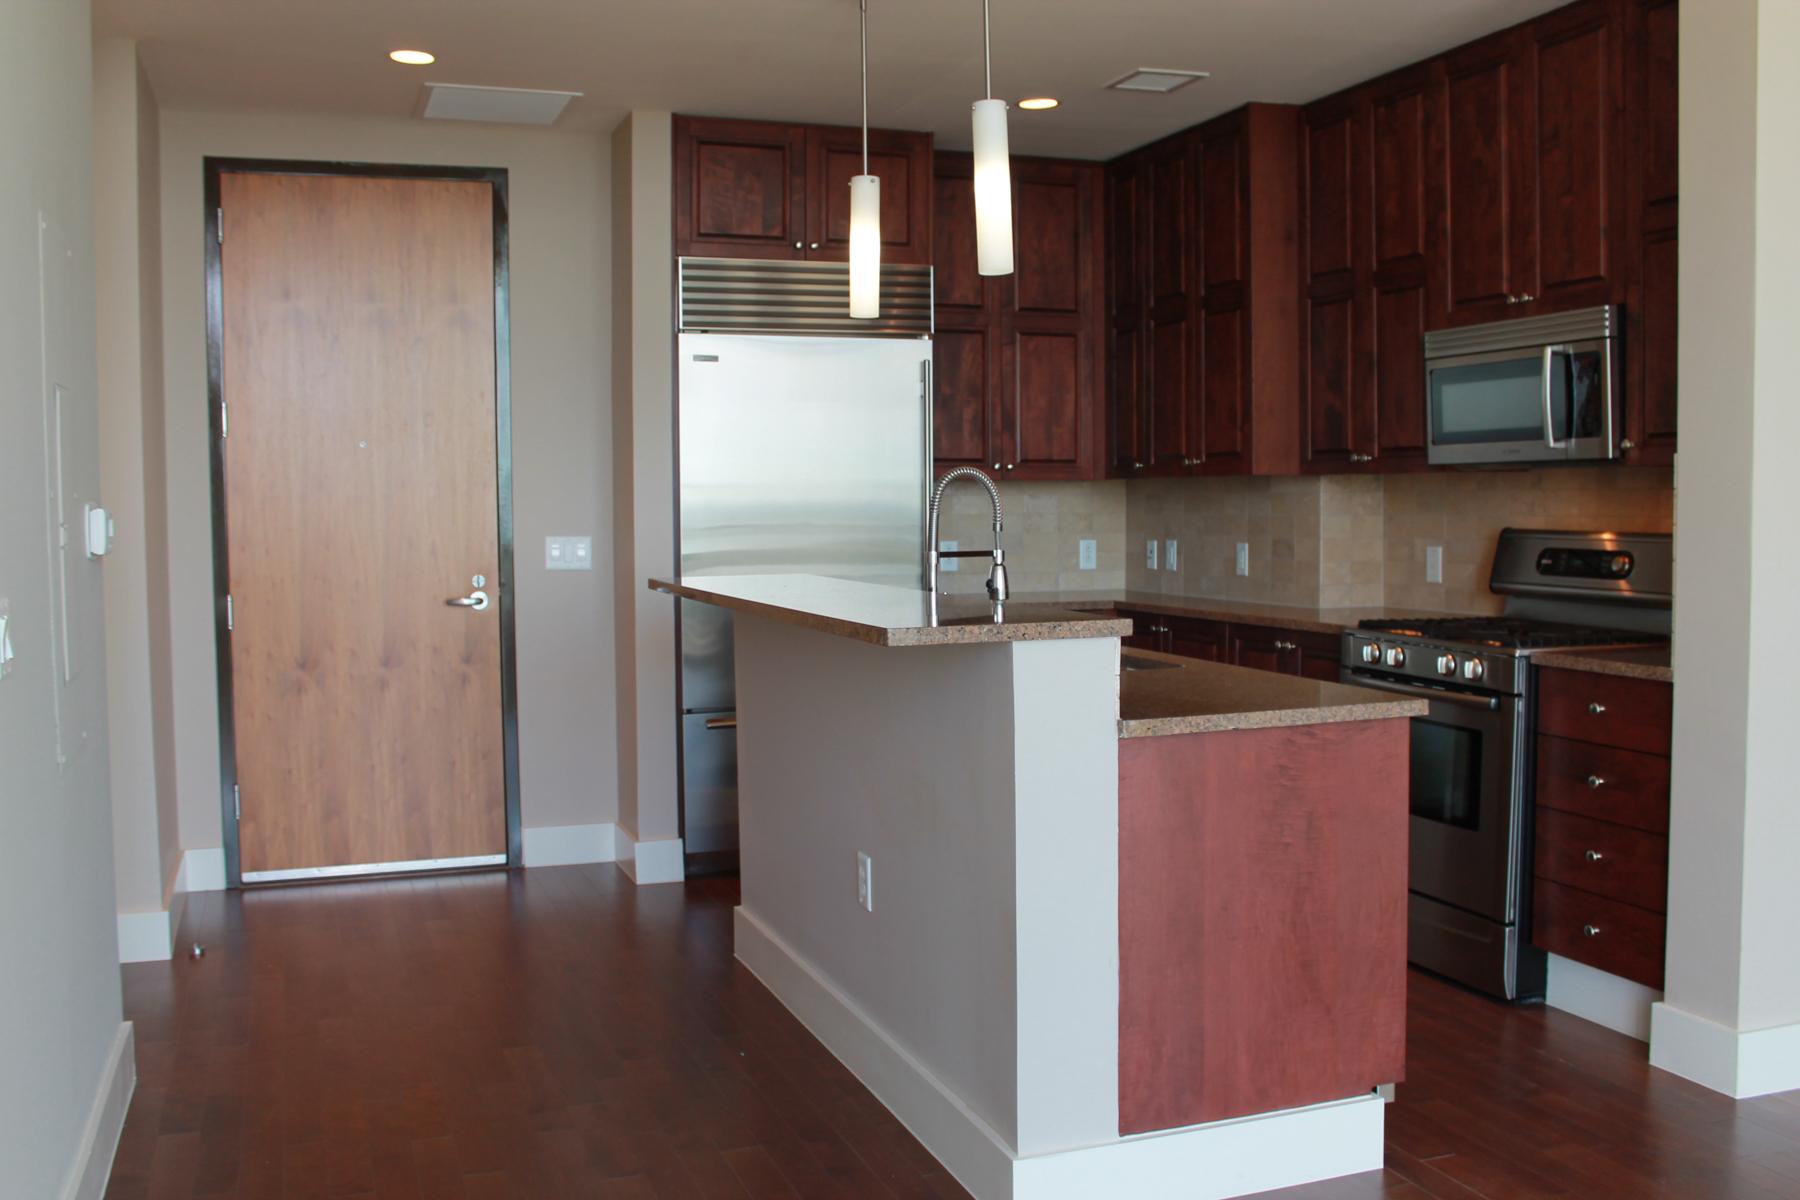 其它住宅 为 销售 在 Urban Living at its Finest 610 E Market St 2613 Alteza, 圣安东尼奥, 得克萨斯州, 78205 美国